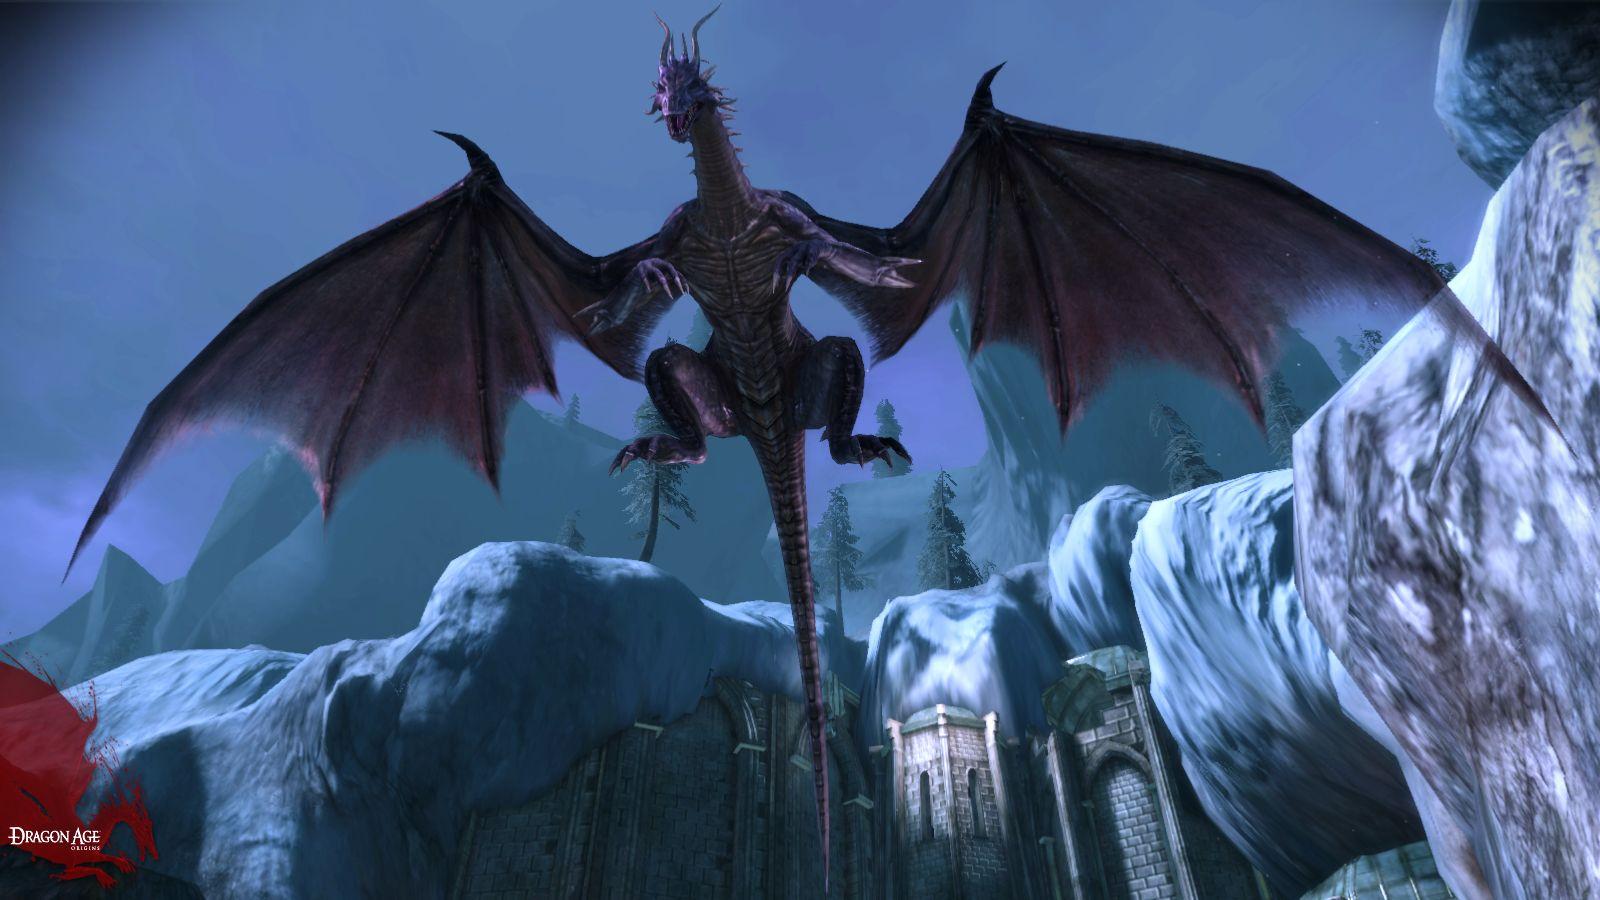 Скриншоты для игры Dragon Age Origins.